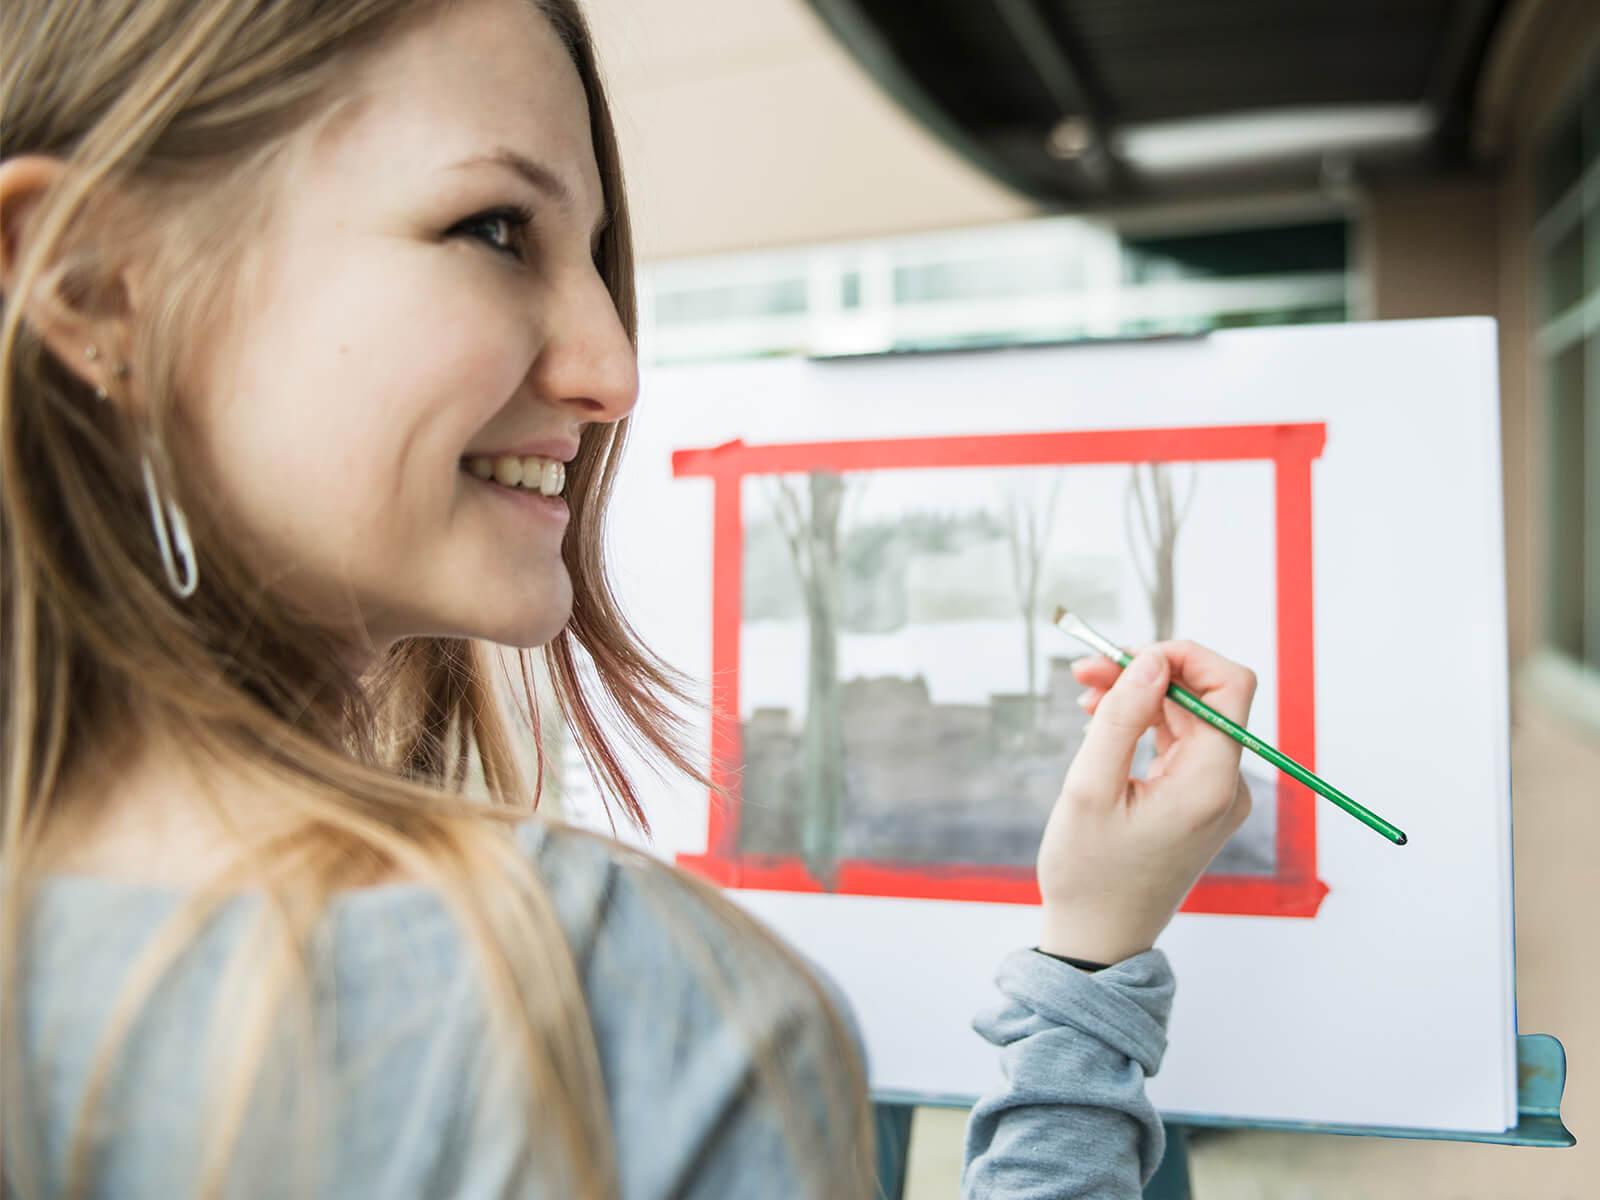 A DigiPen art student paints a watercolor landscape.